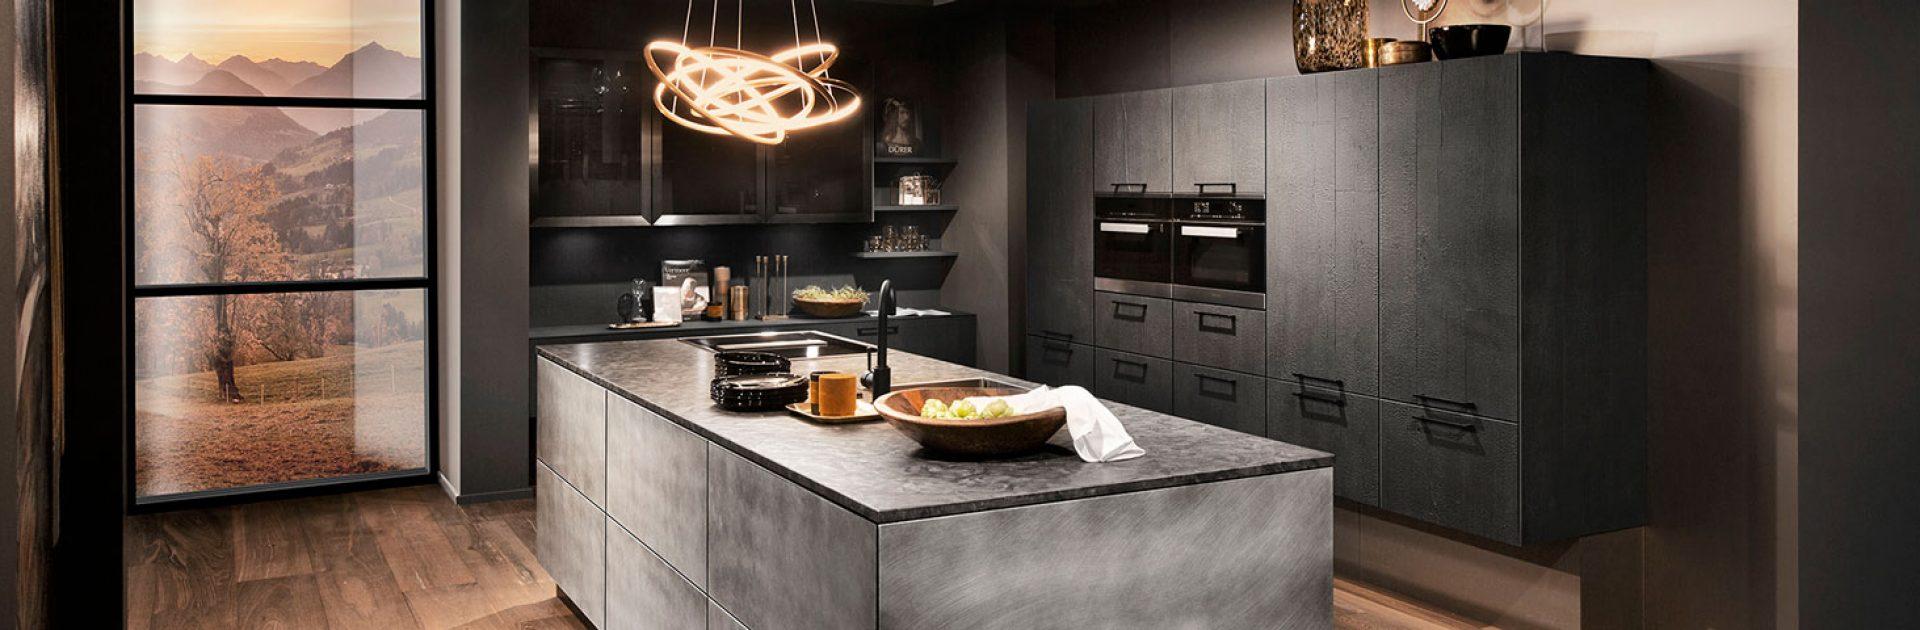 Exclusieve En Luxe Keuken Inspiratie Eigenhuis Keukens